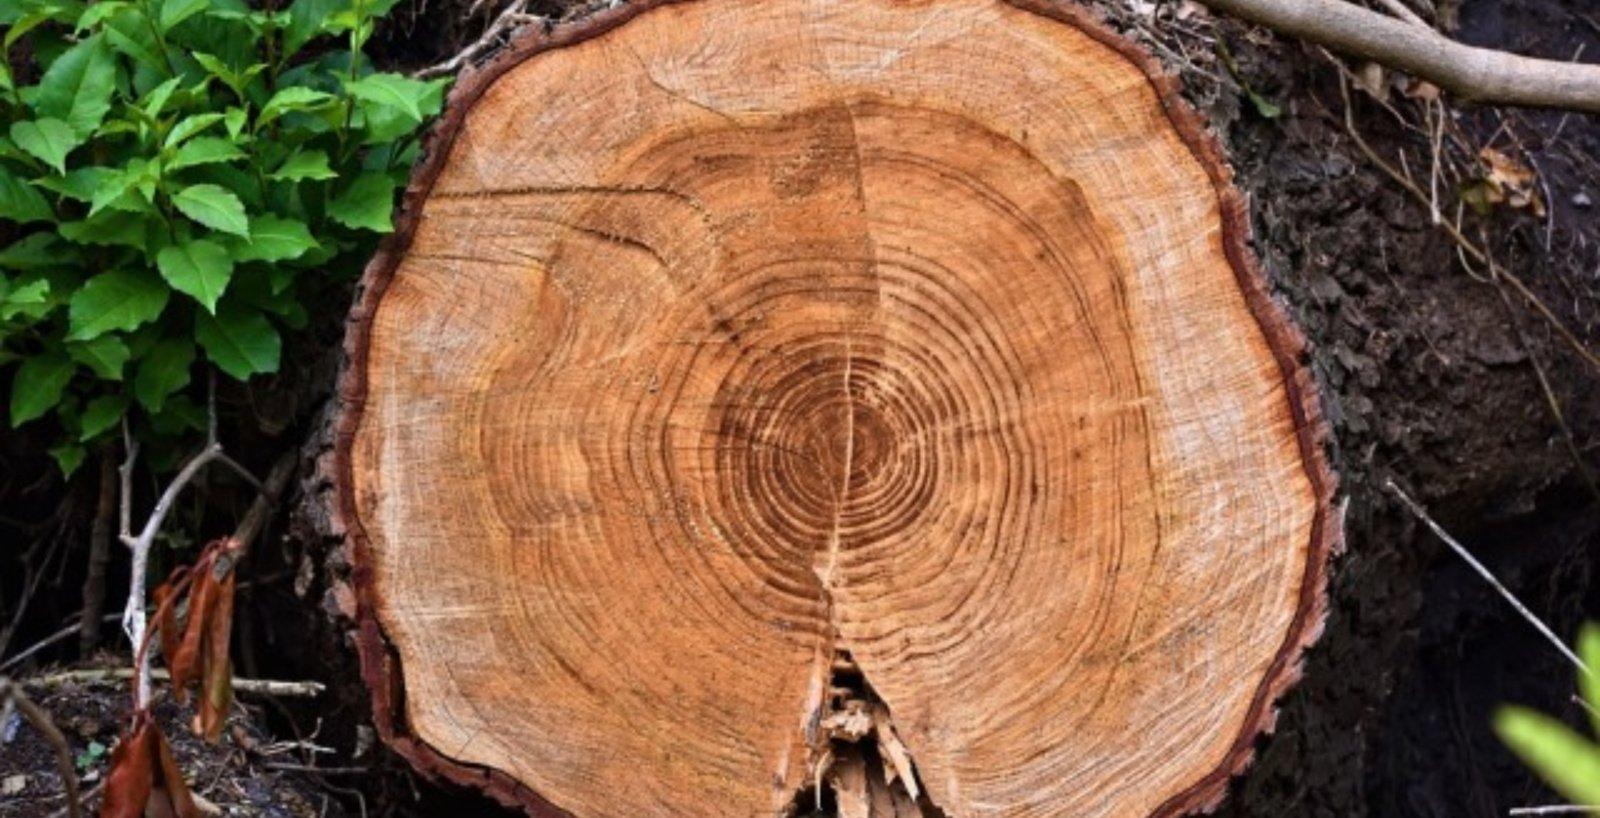 Medžių rievės atskleidė niūrą anomaliją, kuri prasidėjo XX-ajame amžiuje